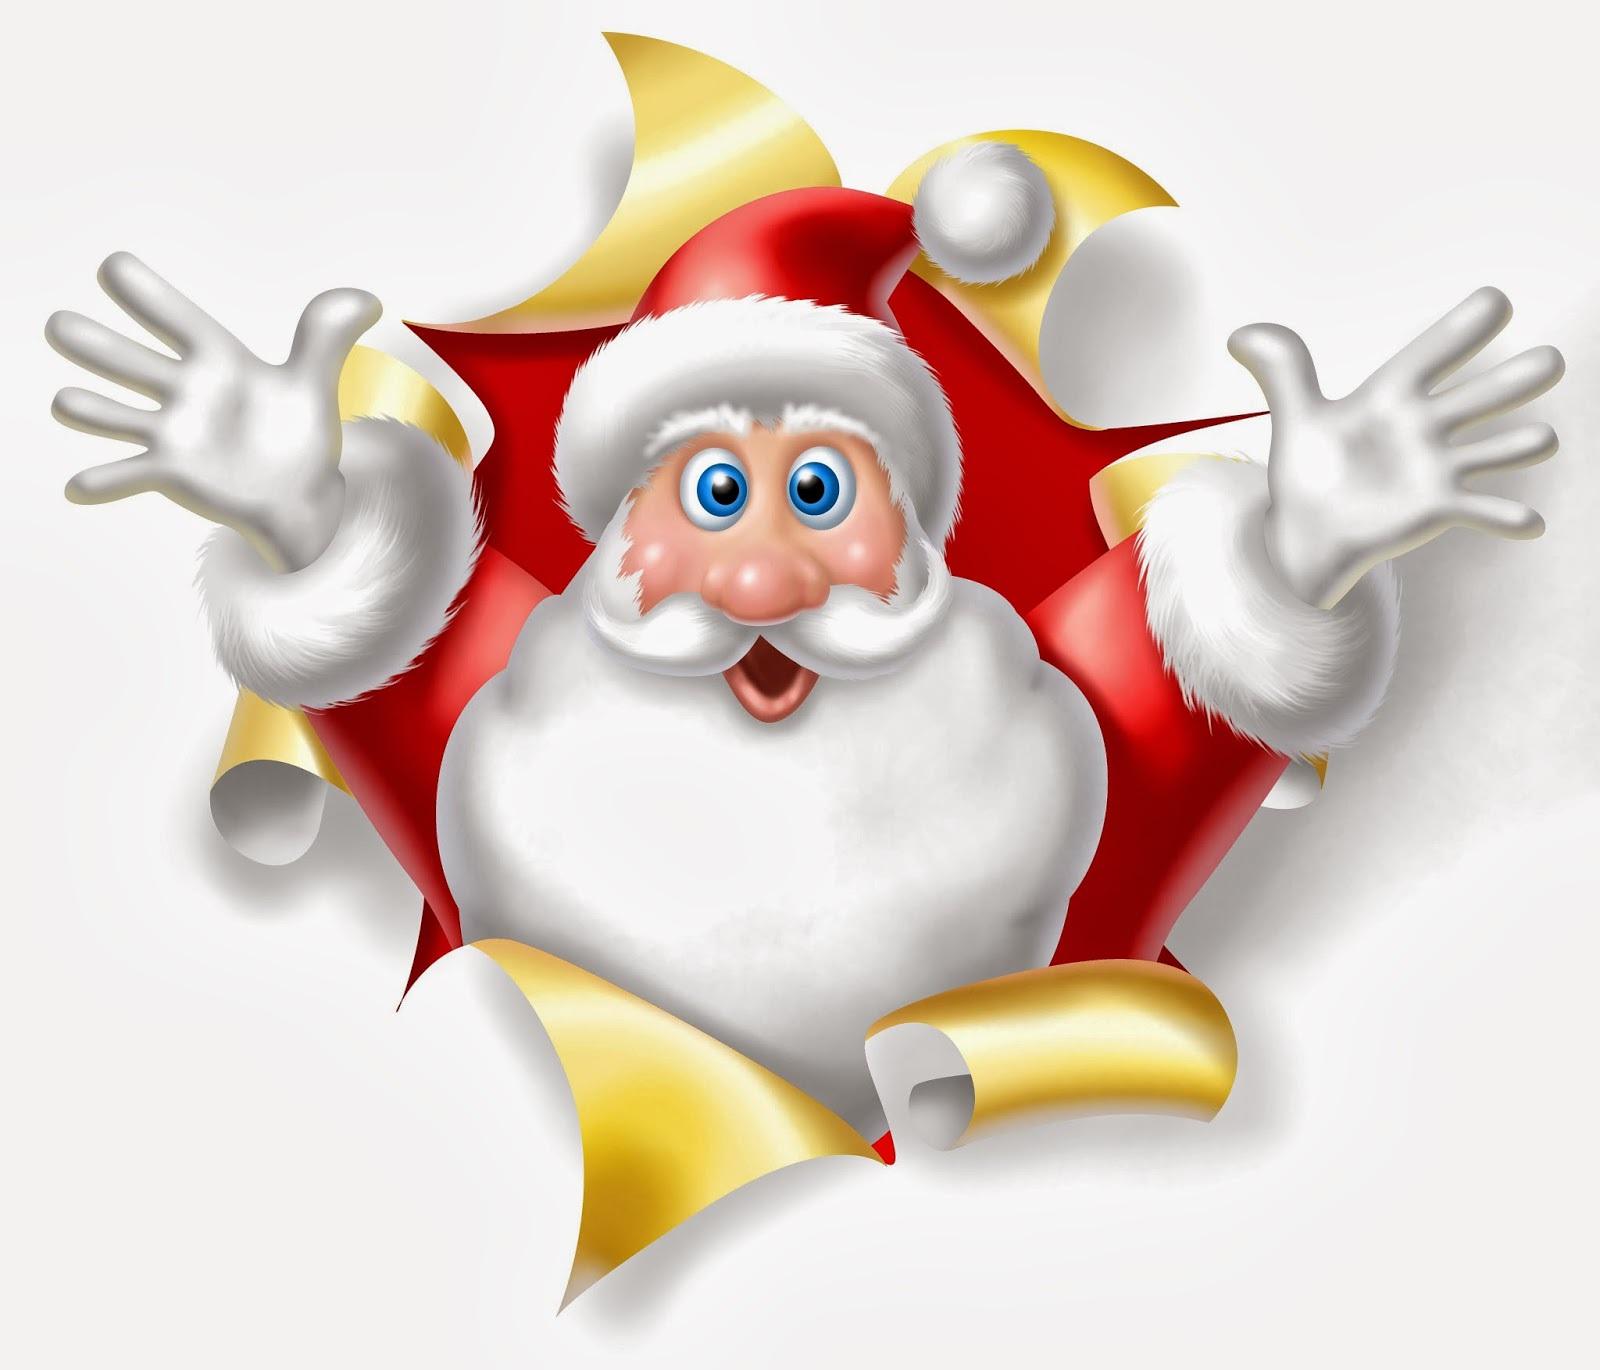 Детский дед мороз - C Новым годом 2020 поздравительные картинки